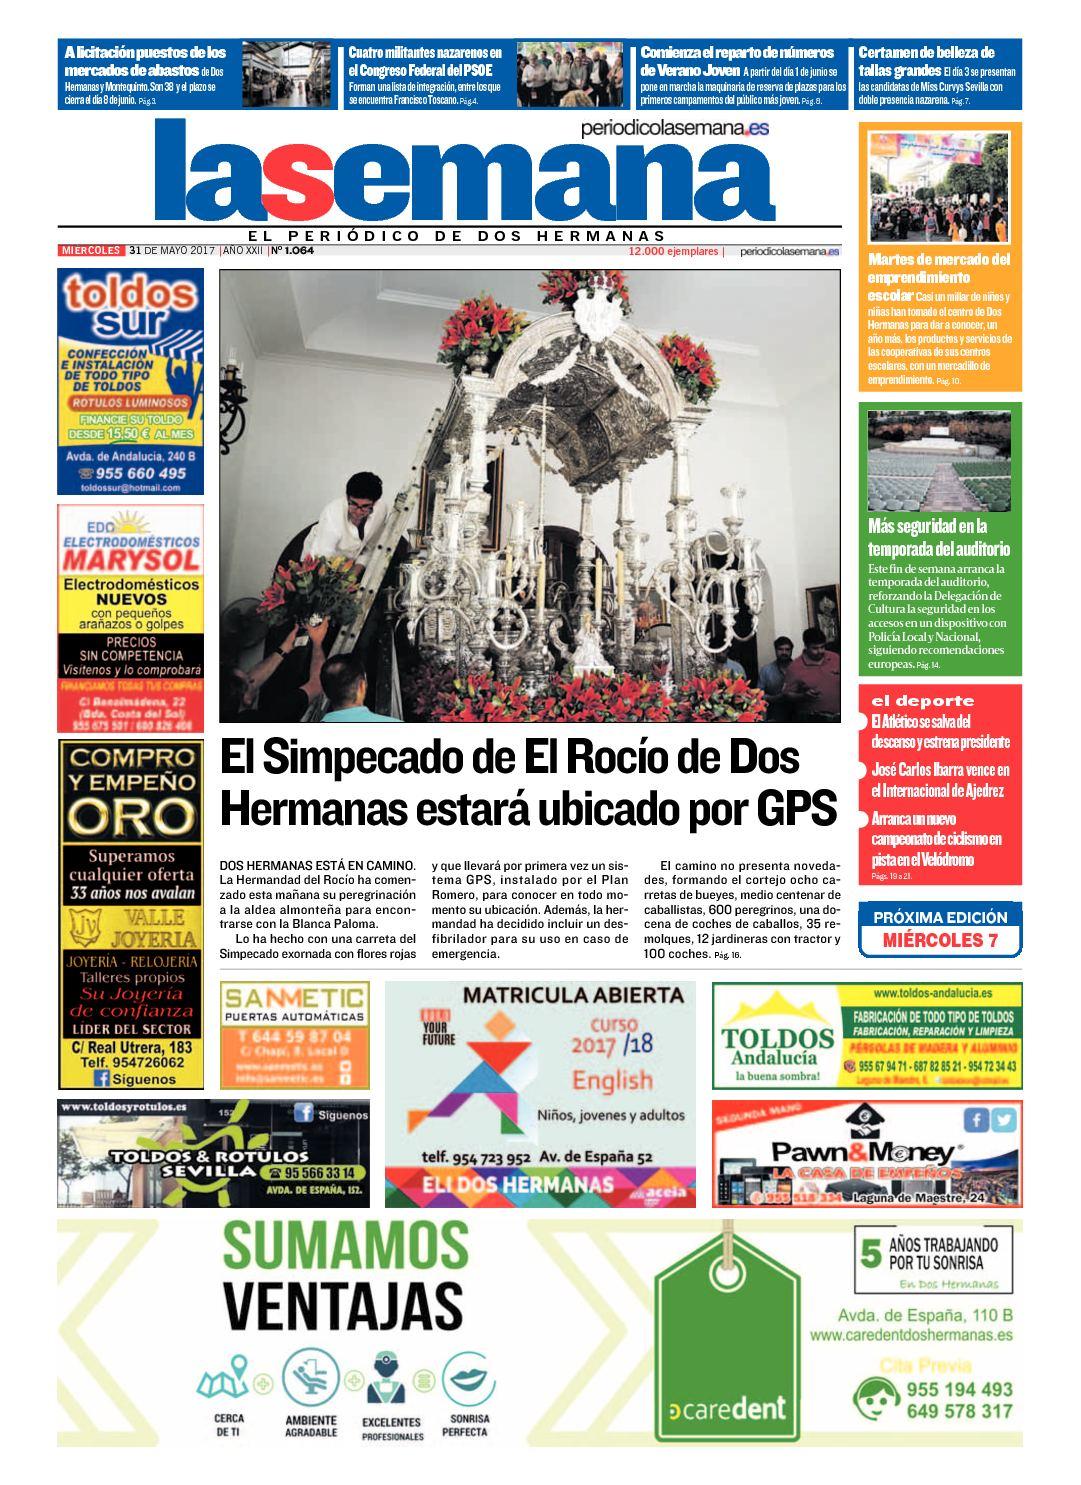 Calaméo - Periodico La Semana 1064